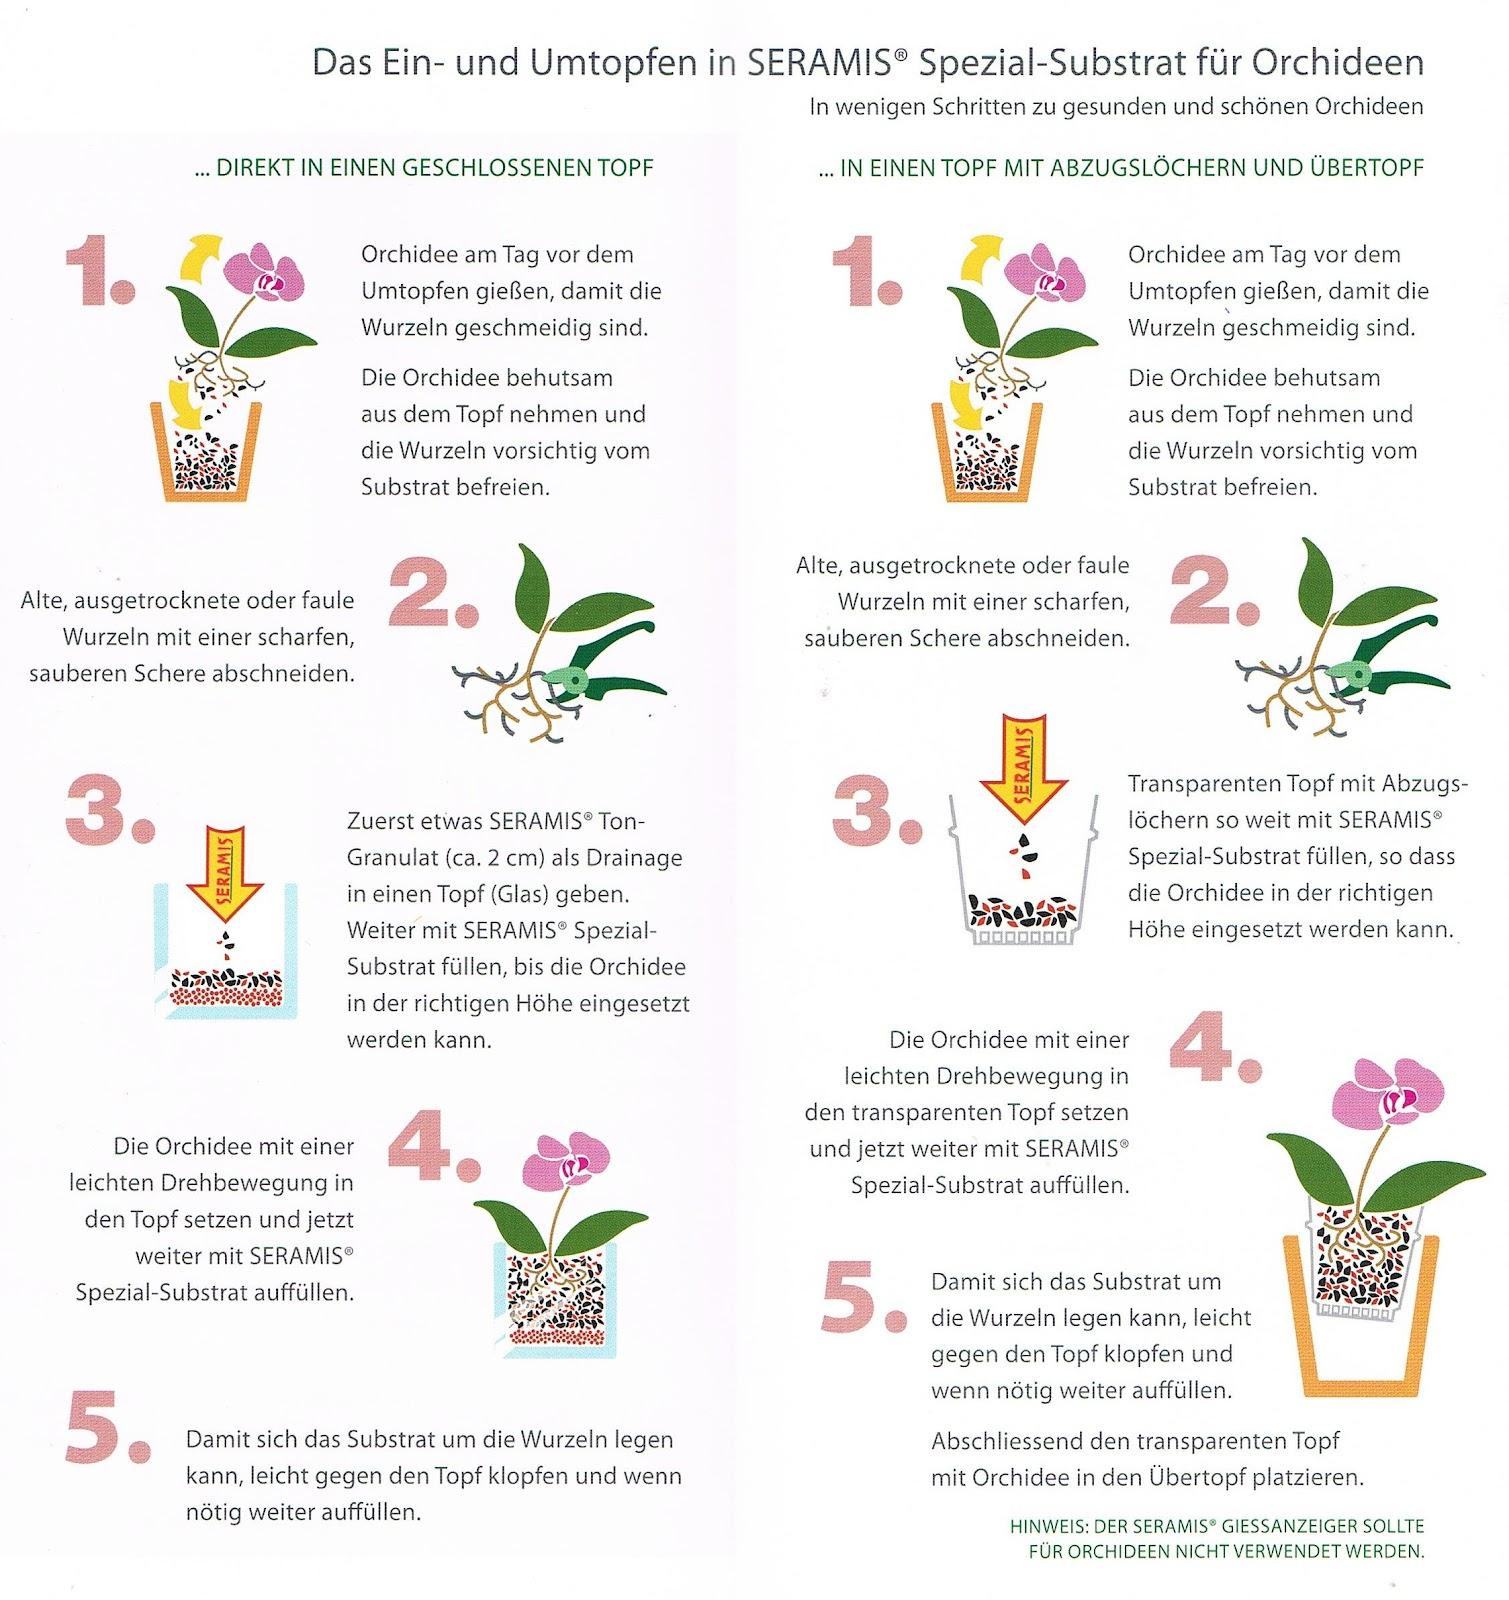 zimmerpflanzen umtopfen zimmerpflanzen umtopfen gartenblog zimmerpflanzen umtopfen sch ner. Black Bedroom Furniture Sets. Home Design Ideas